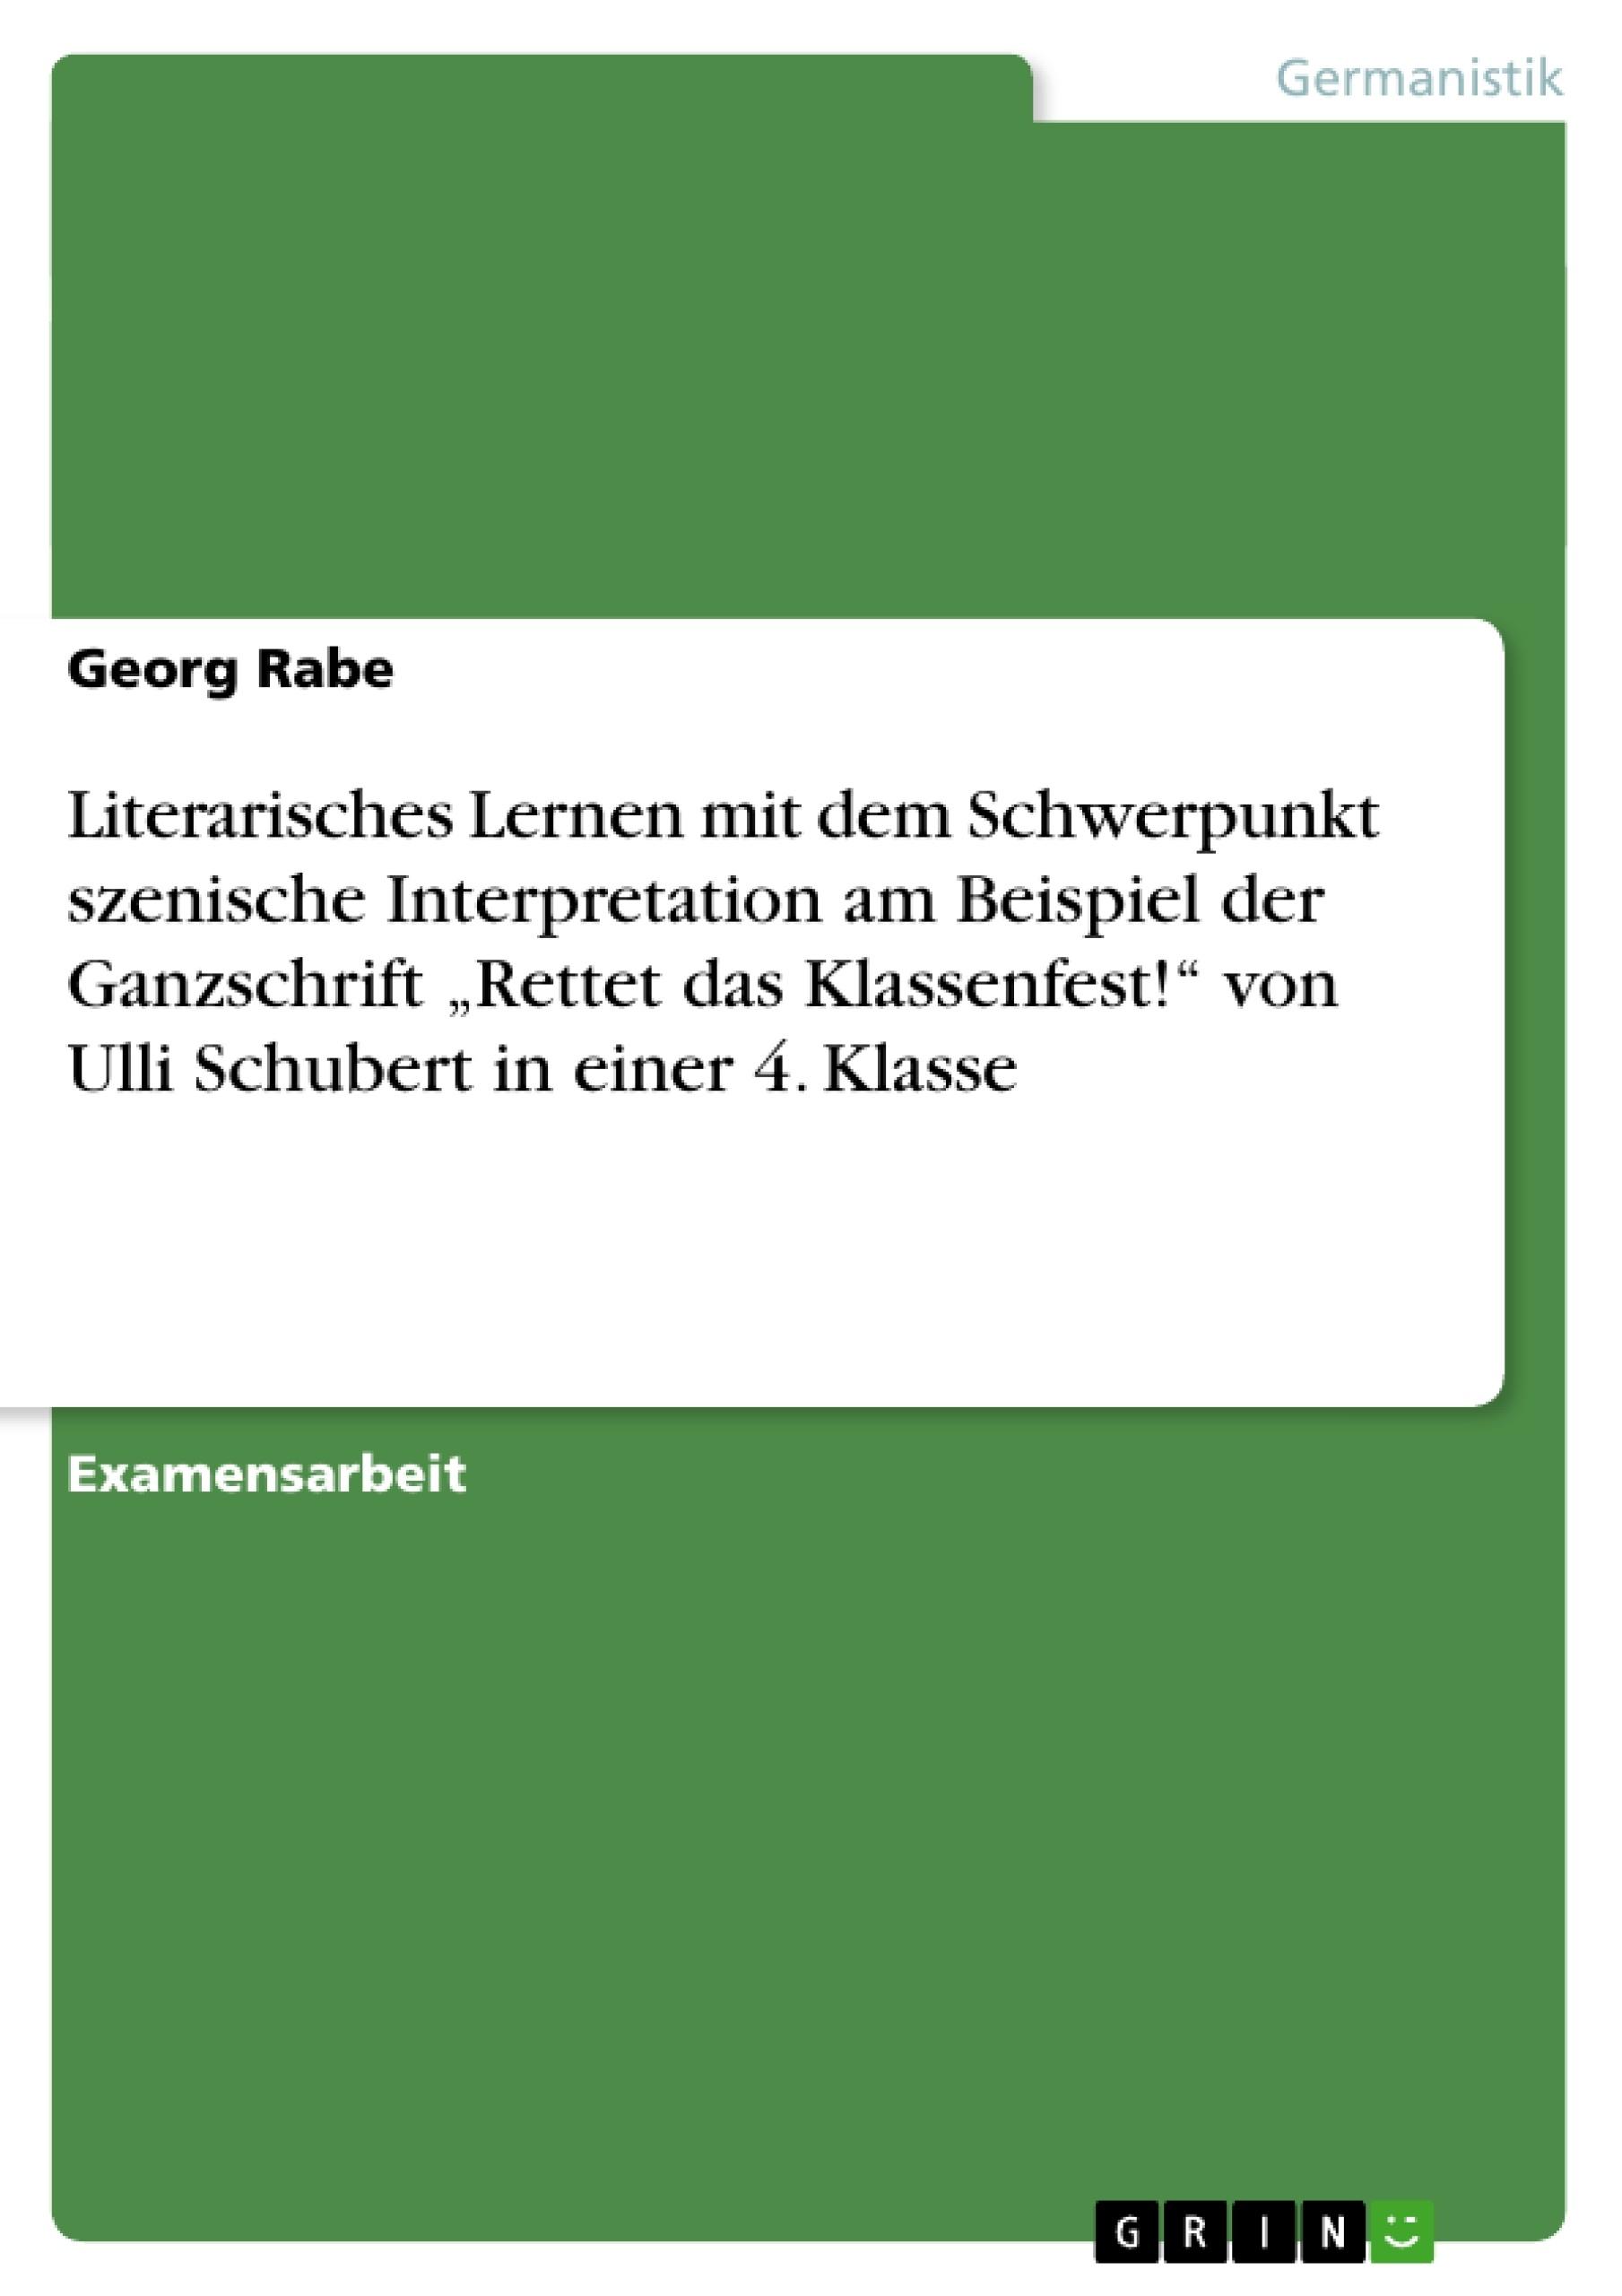 """Titel: Literarisches Lernen mit dem Schwerpunkt szenische Interpretation am Beispiel der Ganzschrift """"Rettet das Klassenfest!"""" von Ulli Schubert in einer 4. Klasse"""